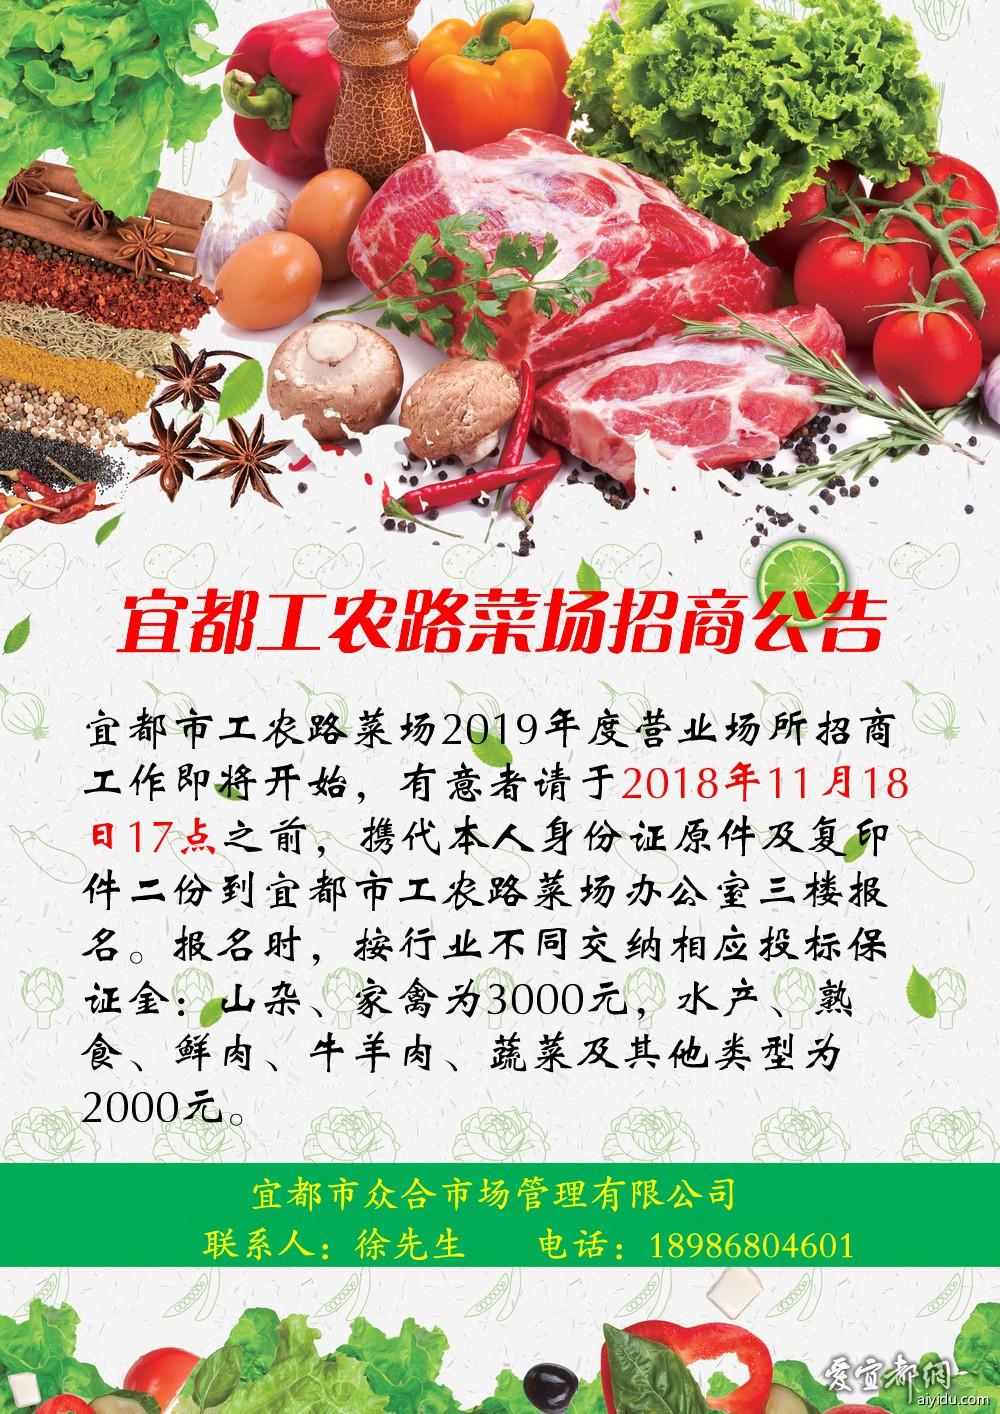 北辰菜市场招商.jpg